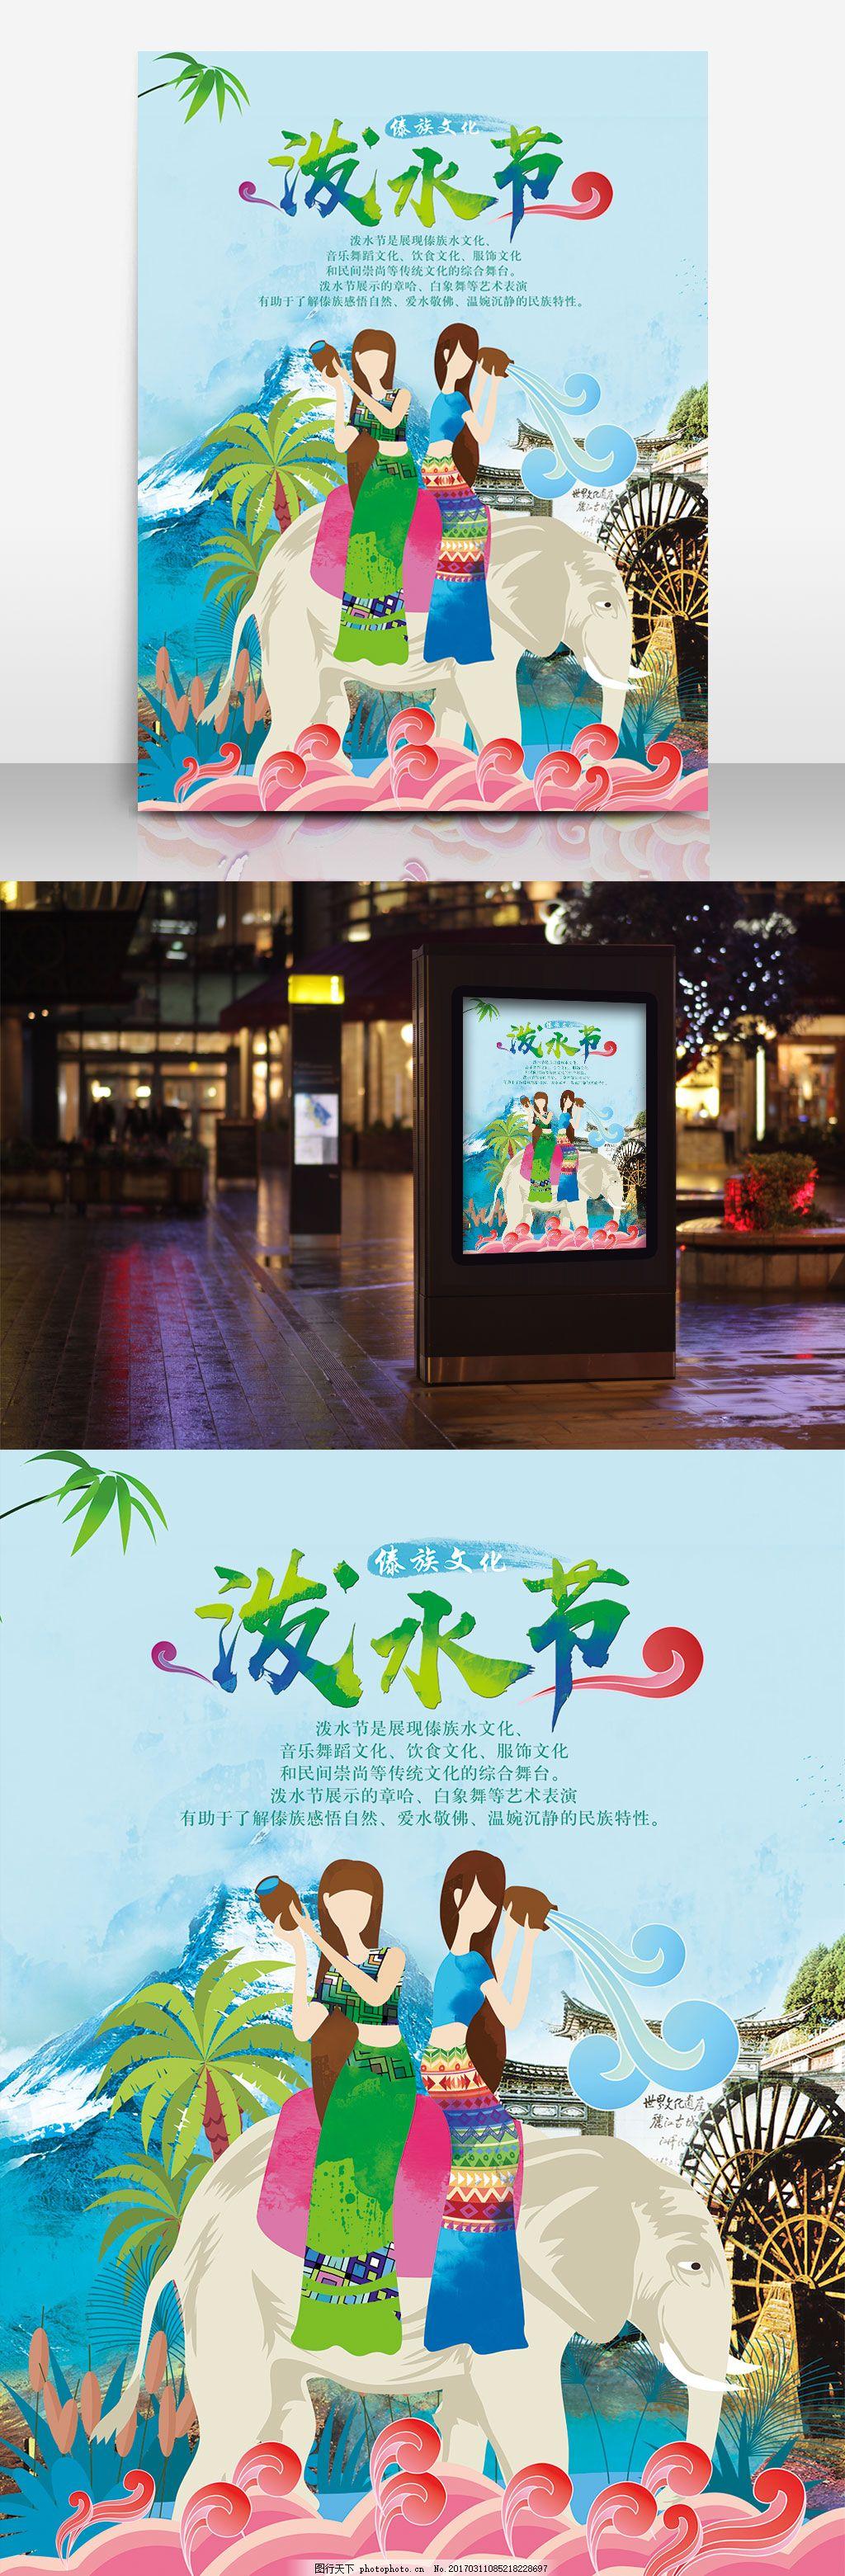 泼水节 旅游宣传海报 泼水节海报 卡通泼水 旅游公司宣传海报 少数